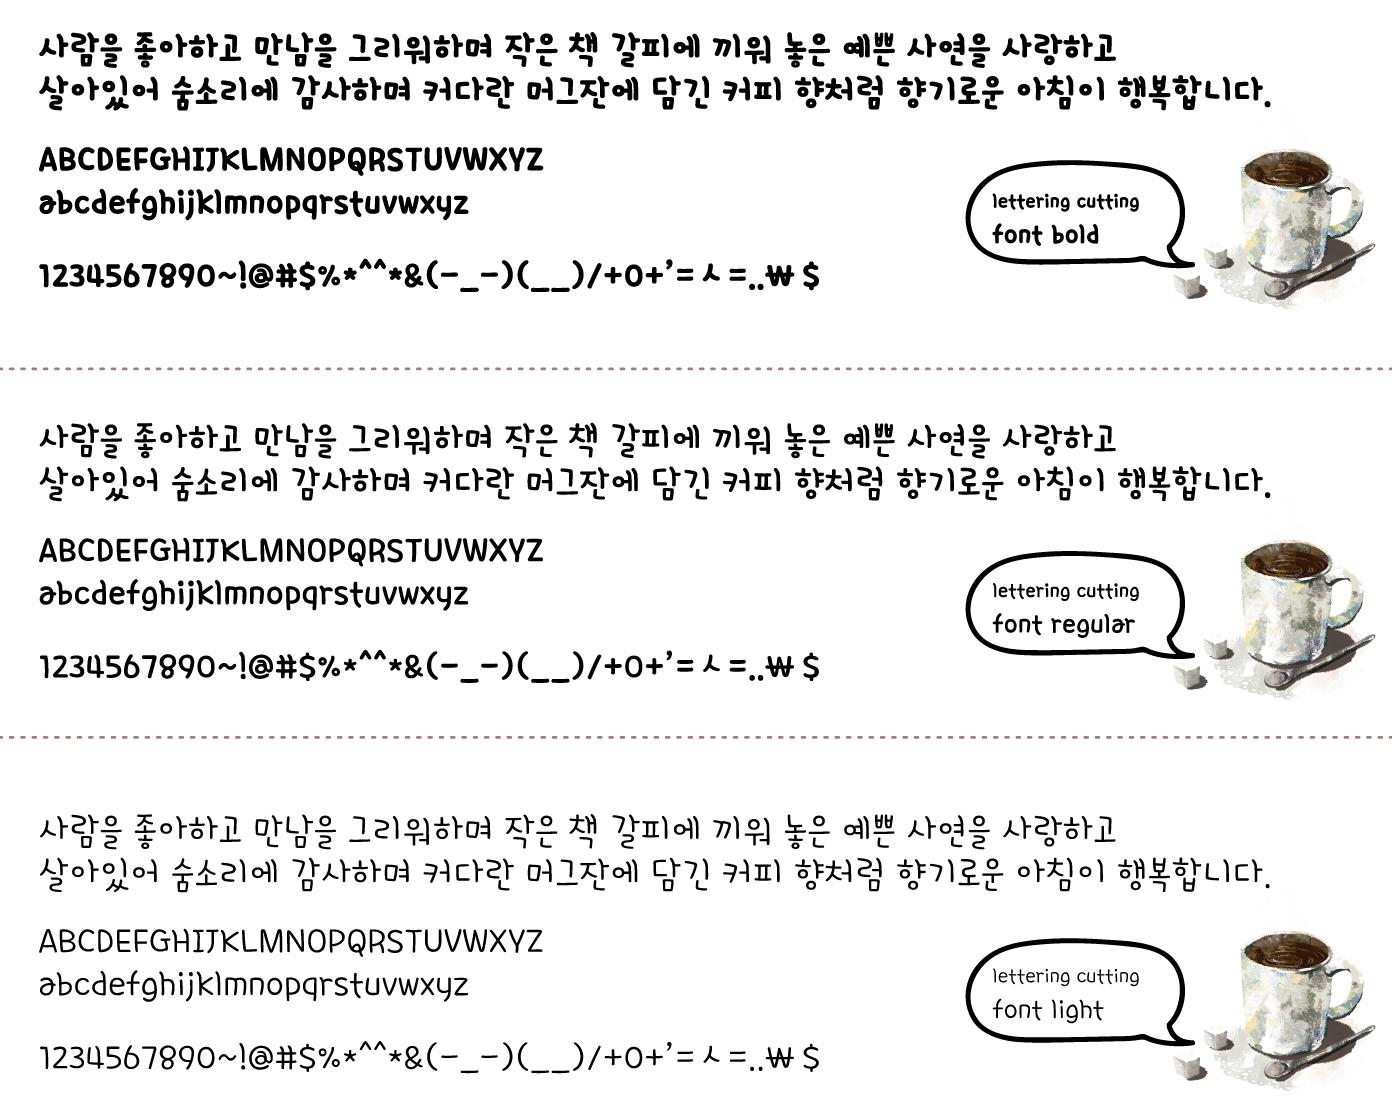 커팅폰트이미지4_단발머리-샘플.jpg